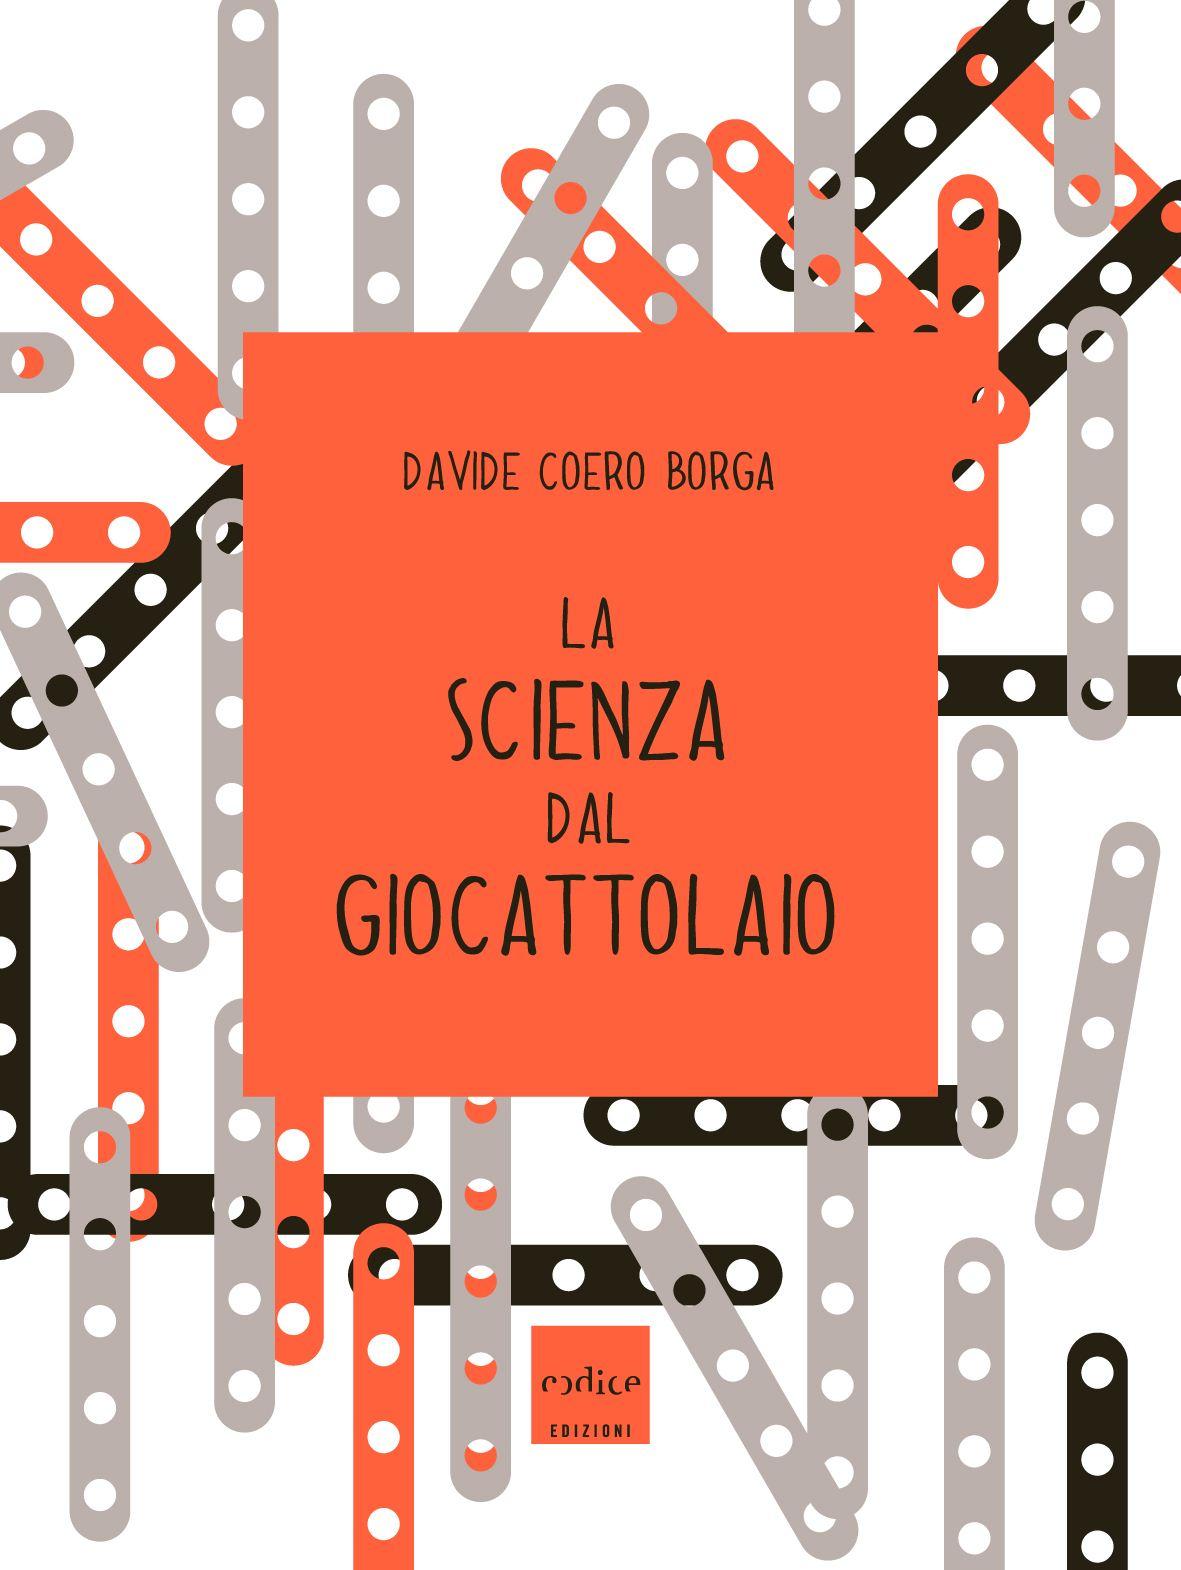 Davide Coero Borga - La scienza dal giocattolaio